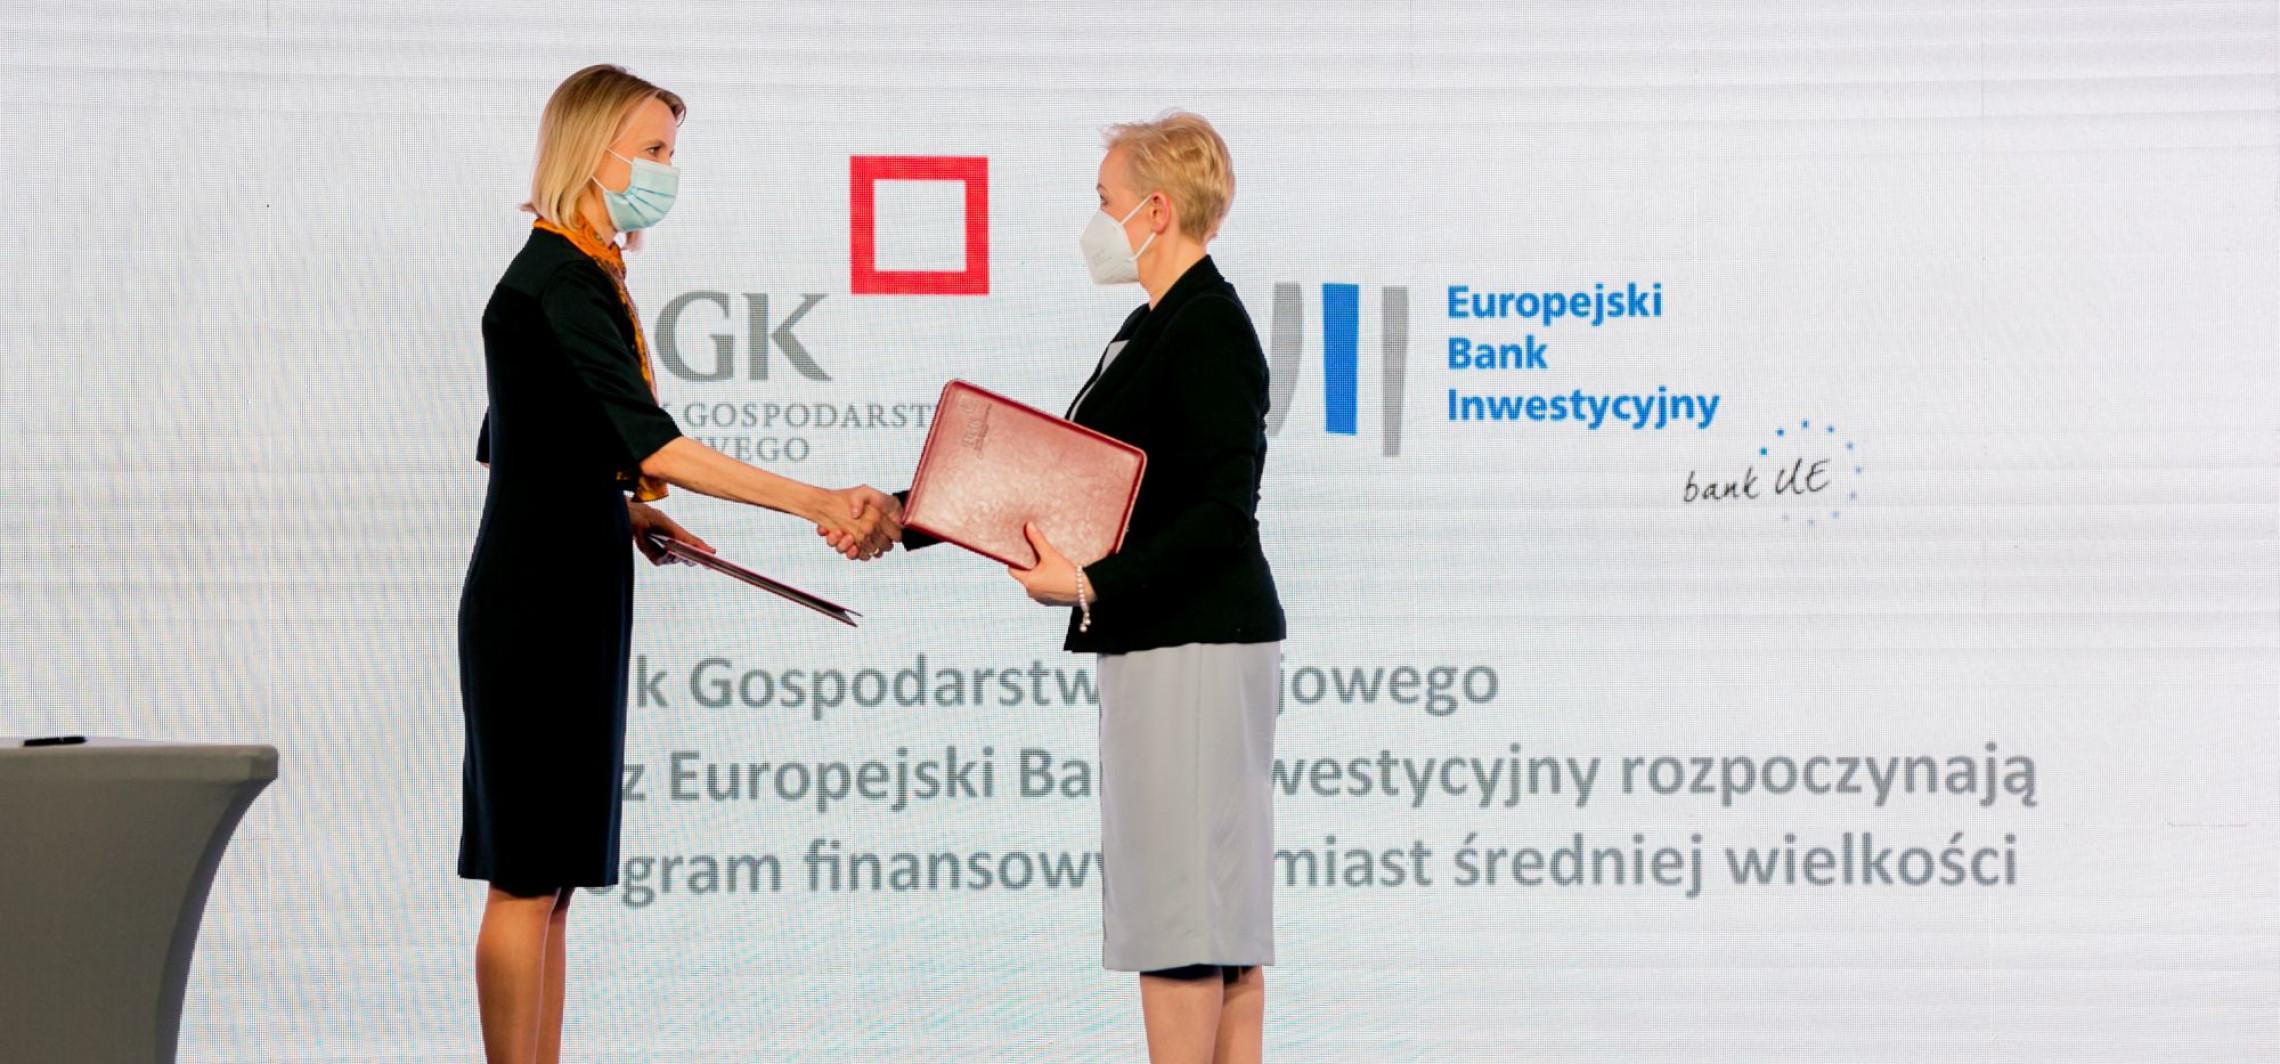 Kraj - BGK: 700 mln zł dla miast średniej wielkości w nowym programie finansowania dla sektora samorządowego